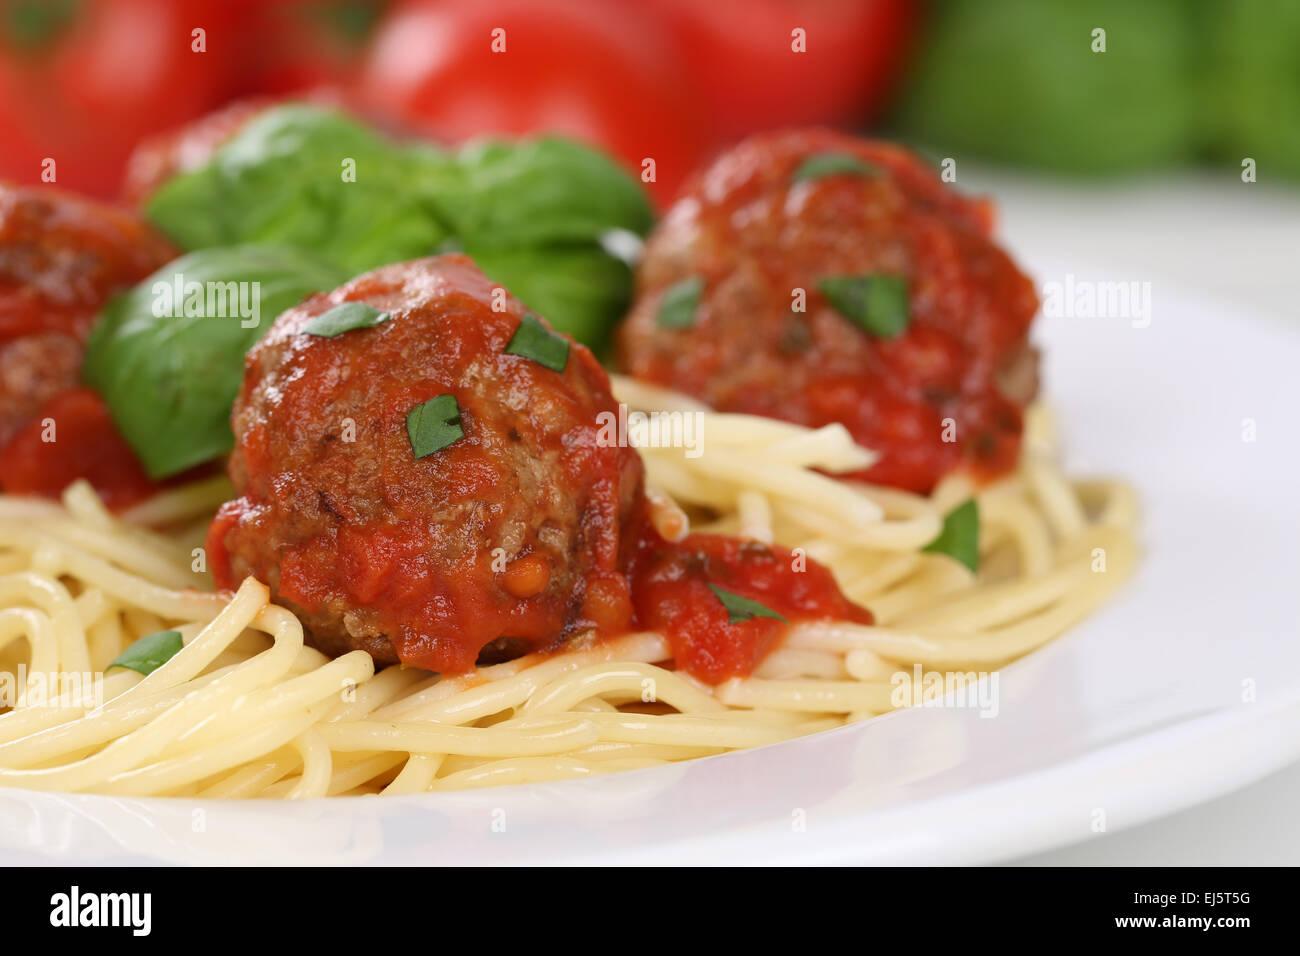 Spaghetti aux boulettes de pâtes nouilles repas sur une plaque Photo Stock